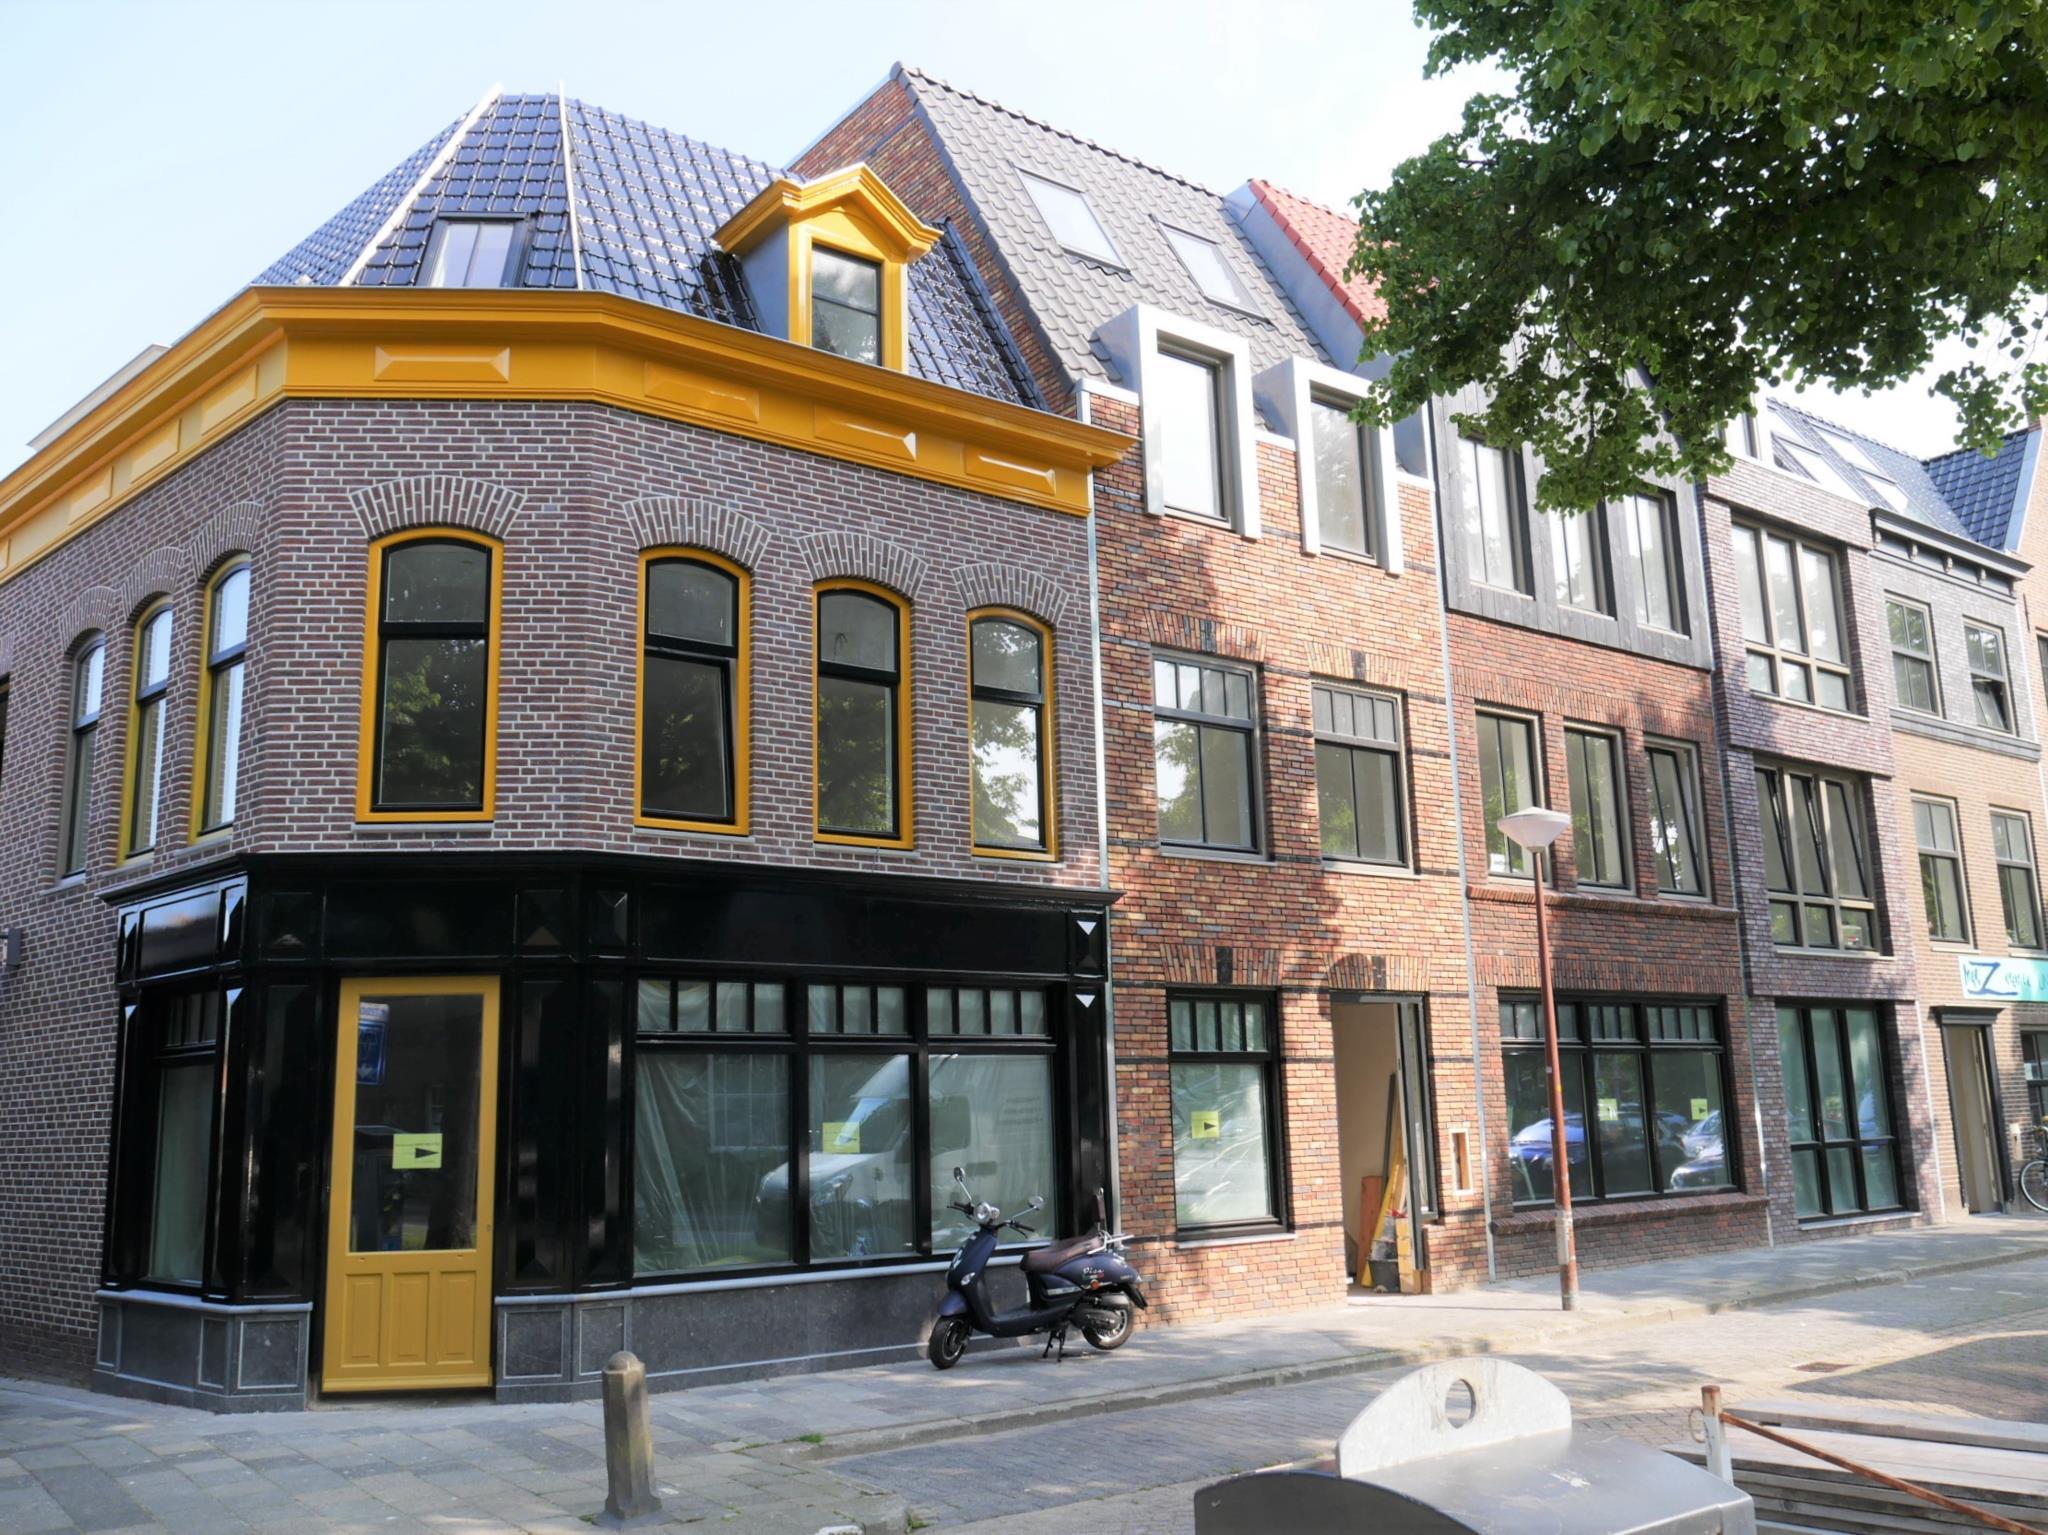 Puienprijs Historische Vereniging Alkmaar 2019